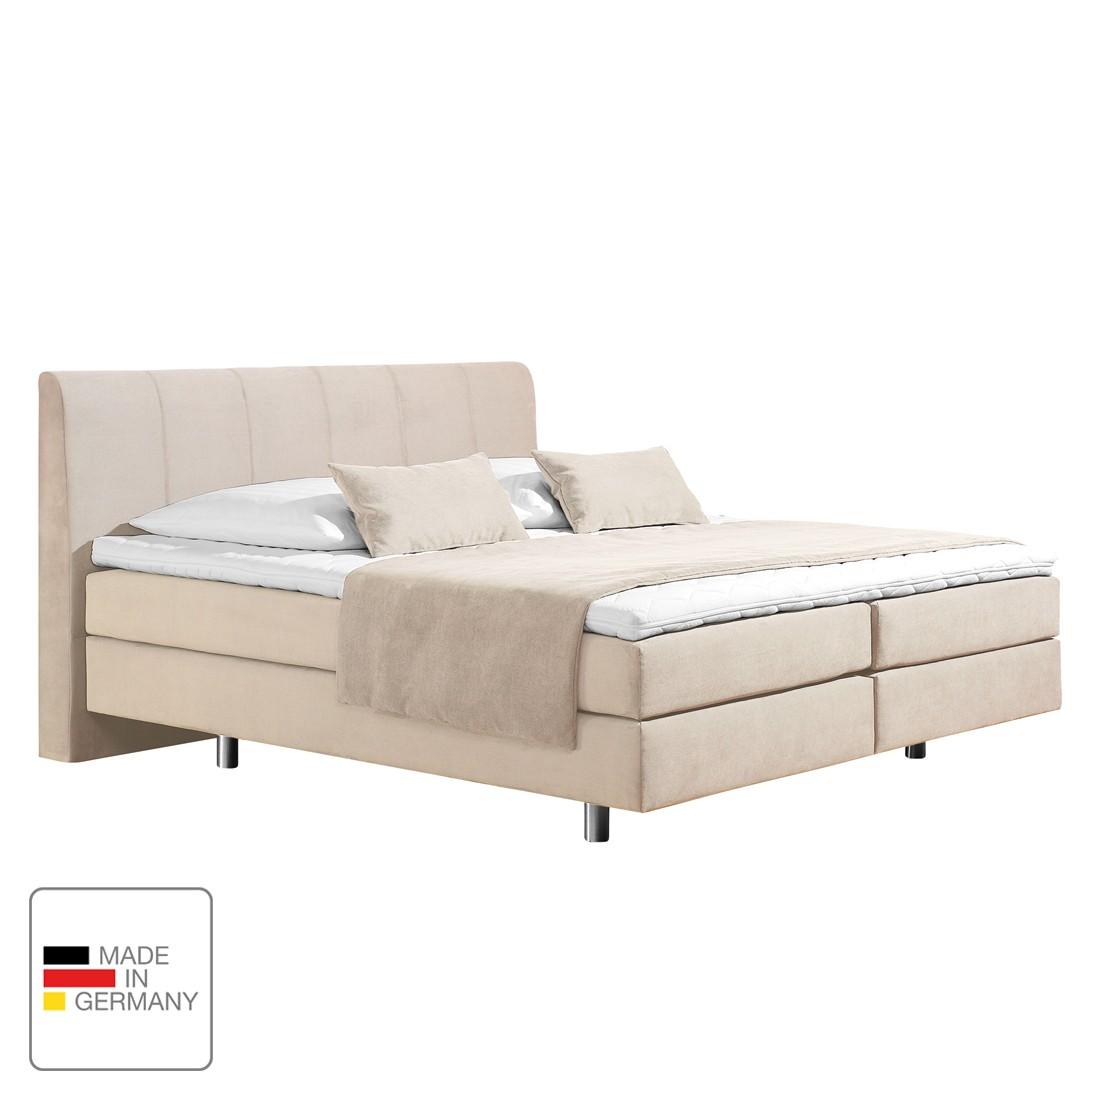 home24 Boxspringbett Baila   Schlafzimmer > Betten > Boxspringbetten   Beige   Textil   loftscape